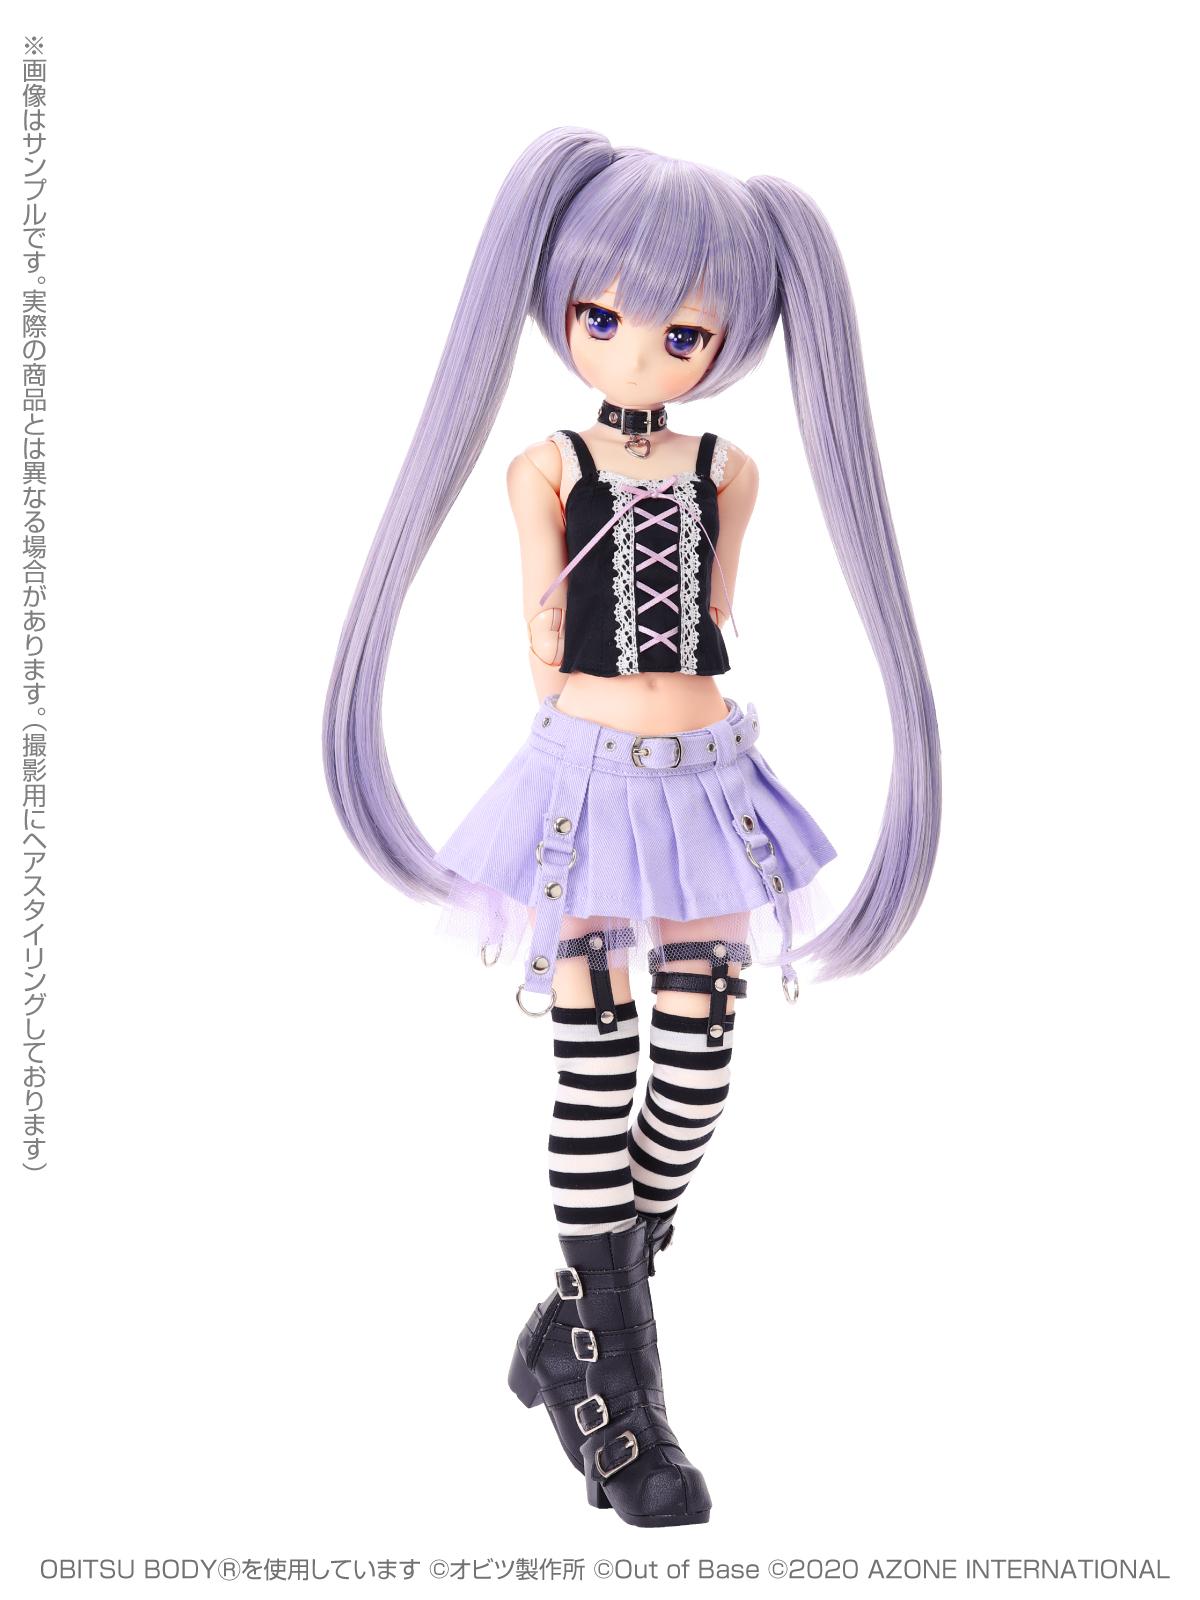 【限定販売】Iris Collect petit『すずね/Noraneko drops ver.1.1(アゾンダイレクトストア販売ver.)』1/3 完成品ドール-006